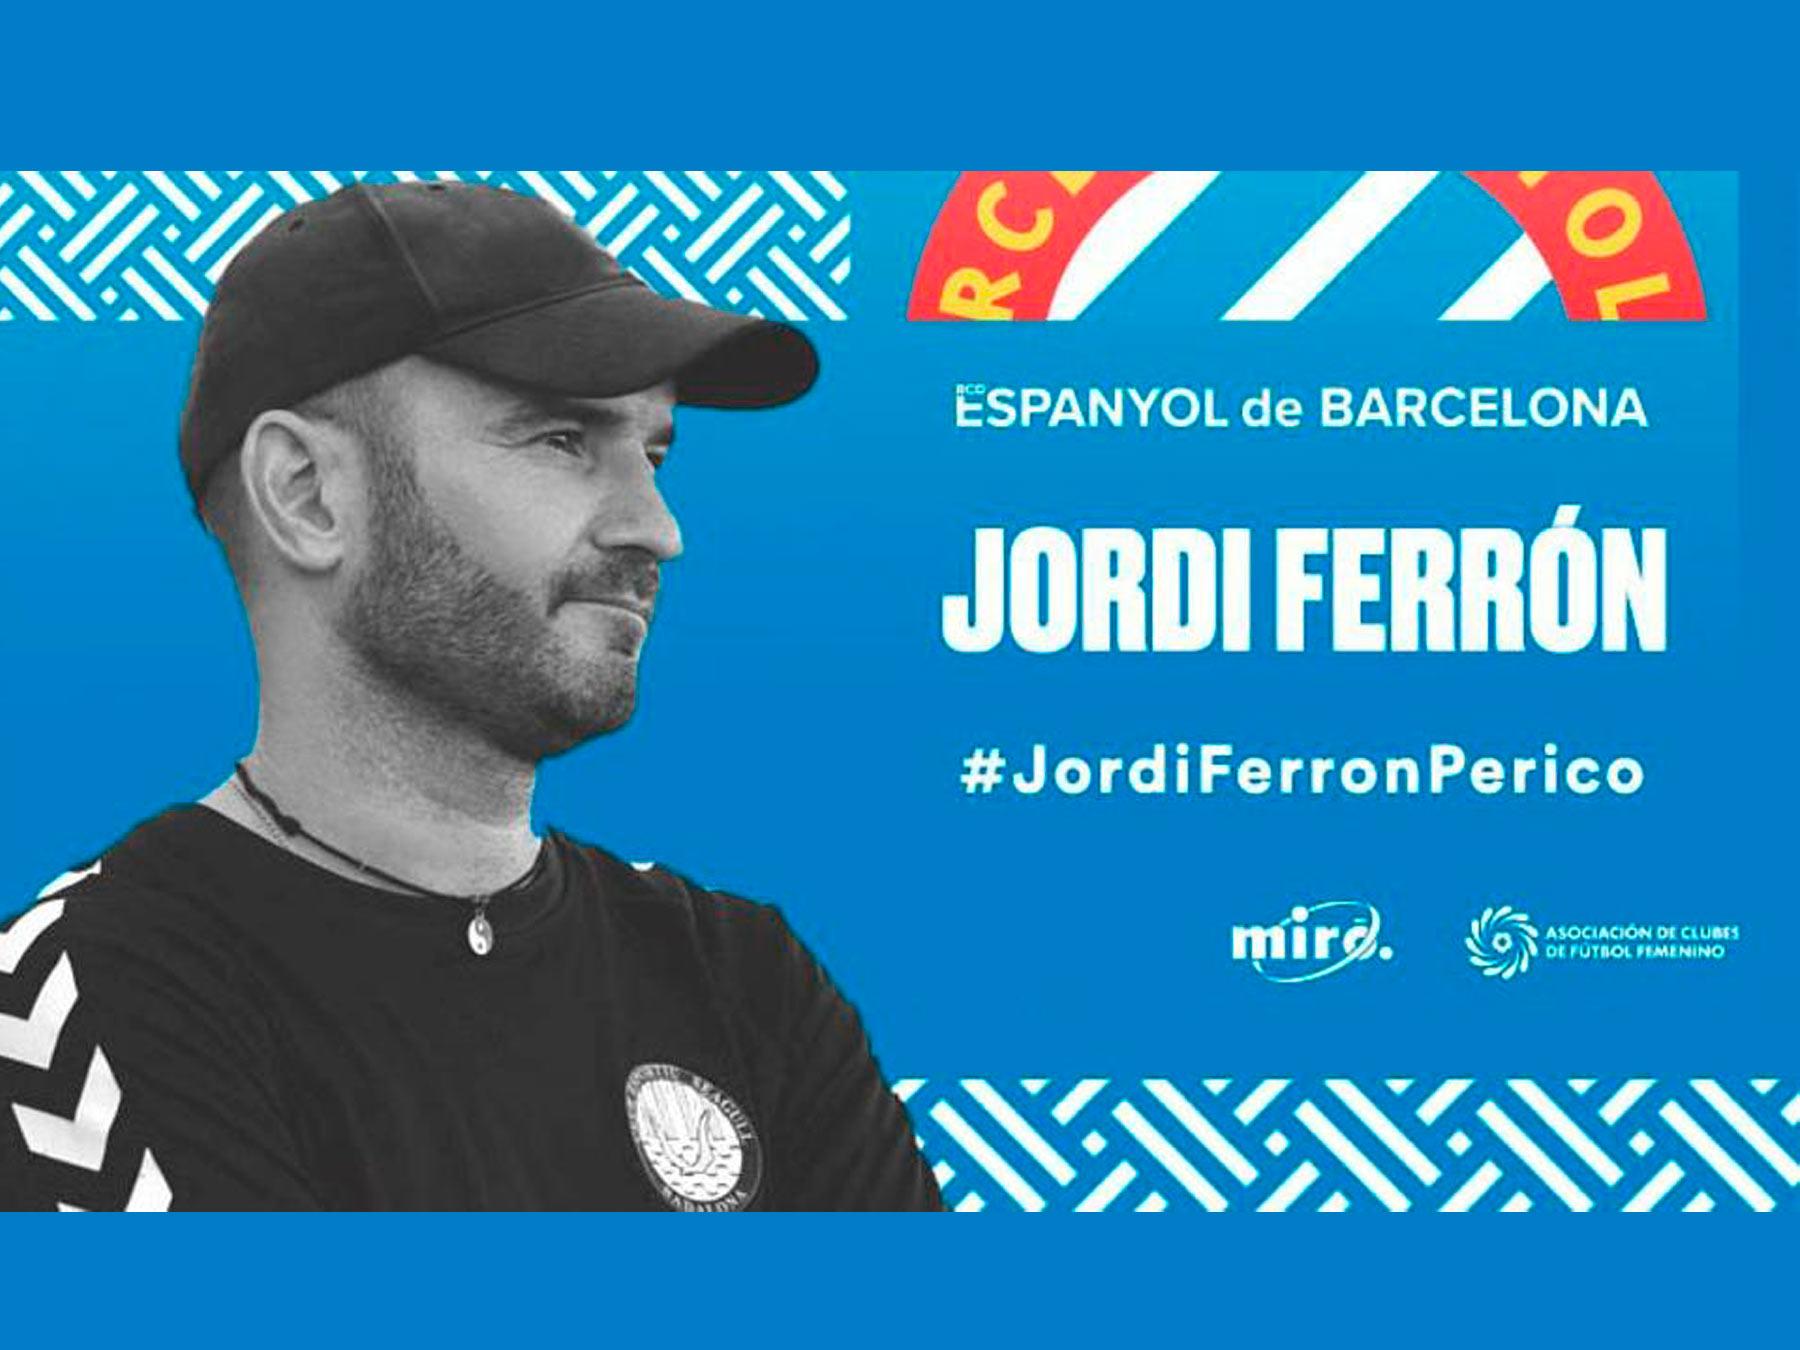 Jordi Ferron nuevo entrenador RCD Espanyol Femenino